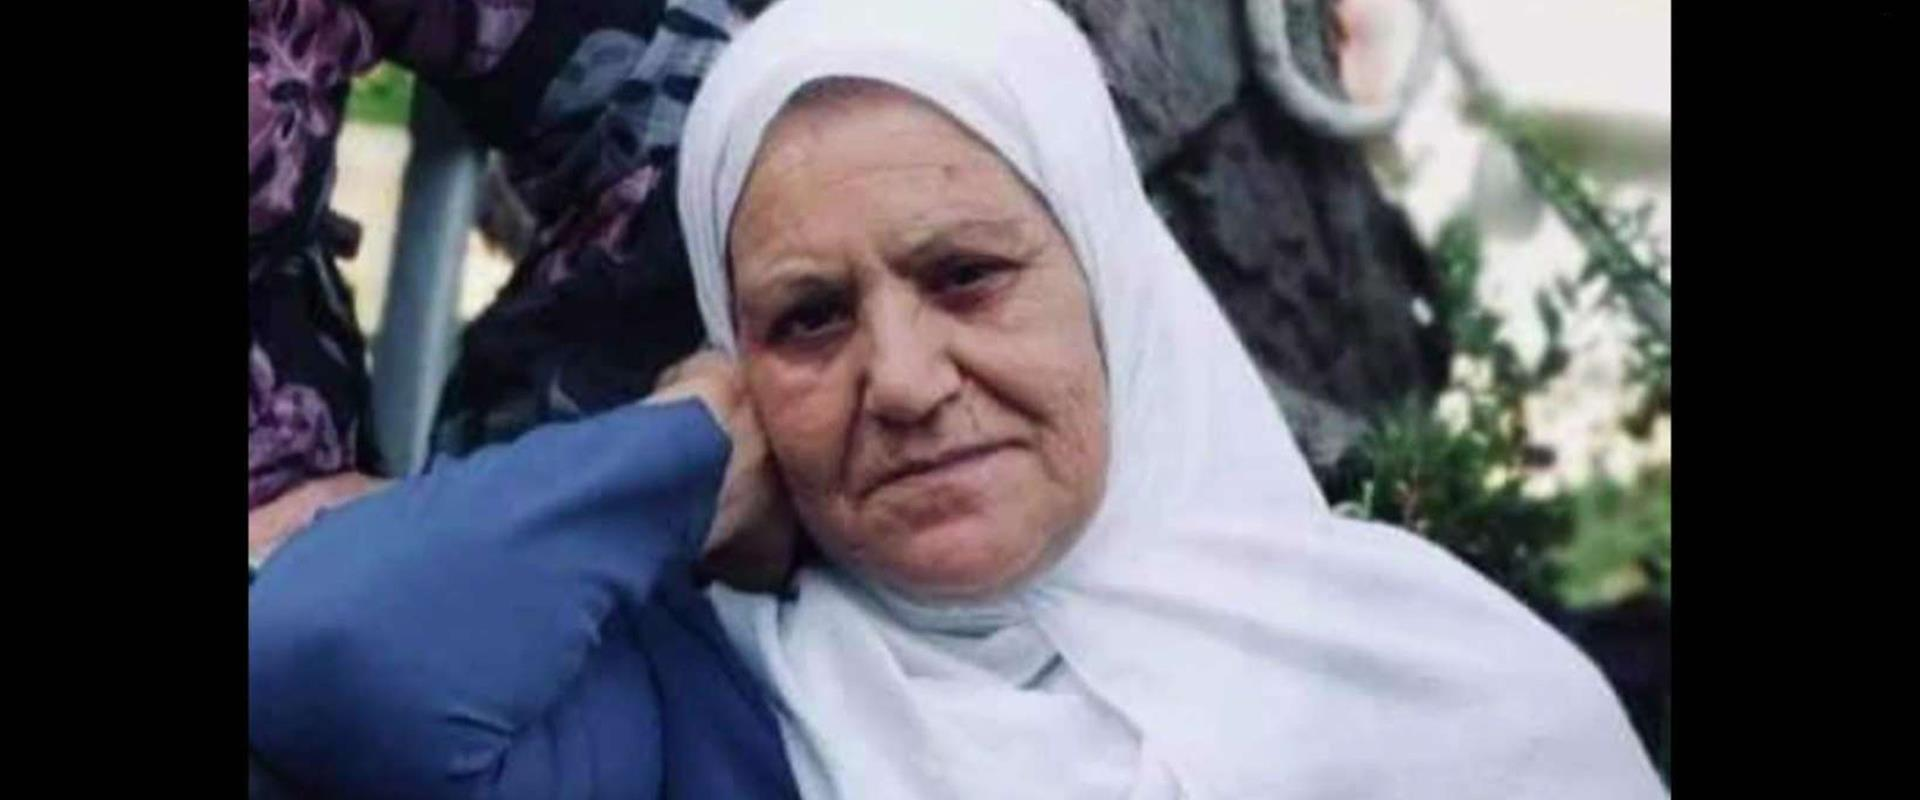 אמינה אבו וואסל שנהרגה בתאונה